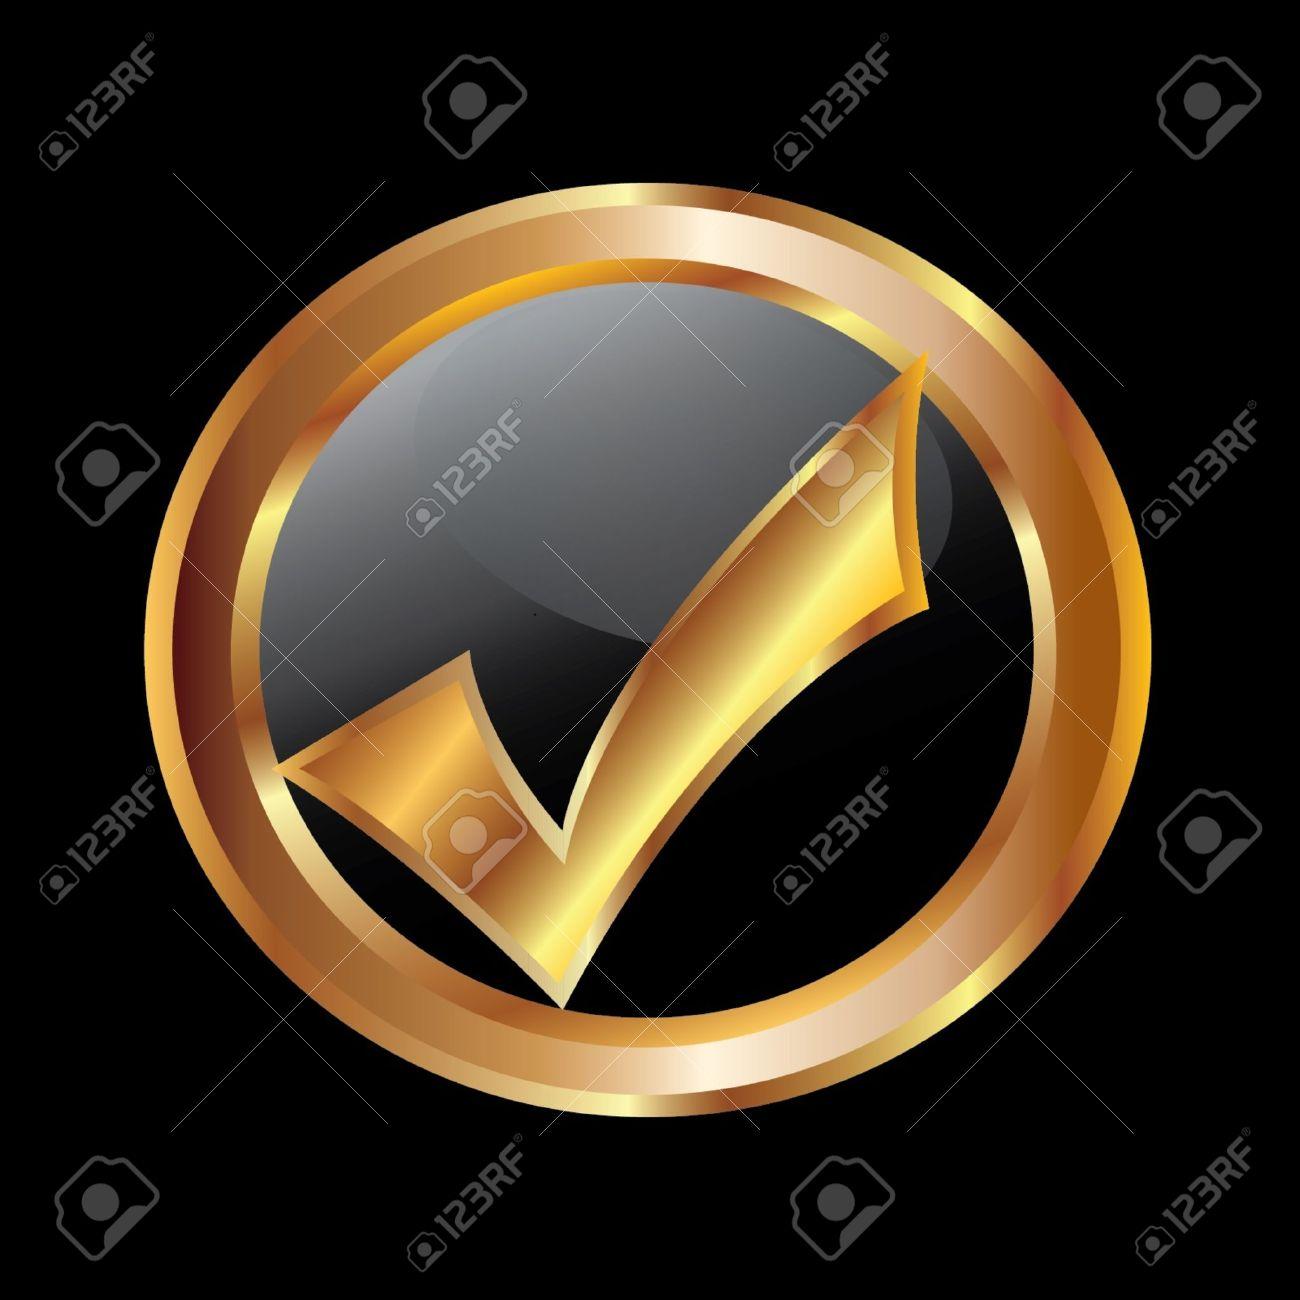 Check mark gold icon Stock Vector - 10959341